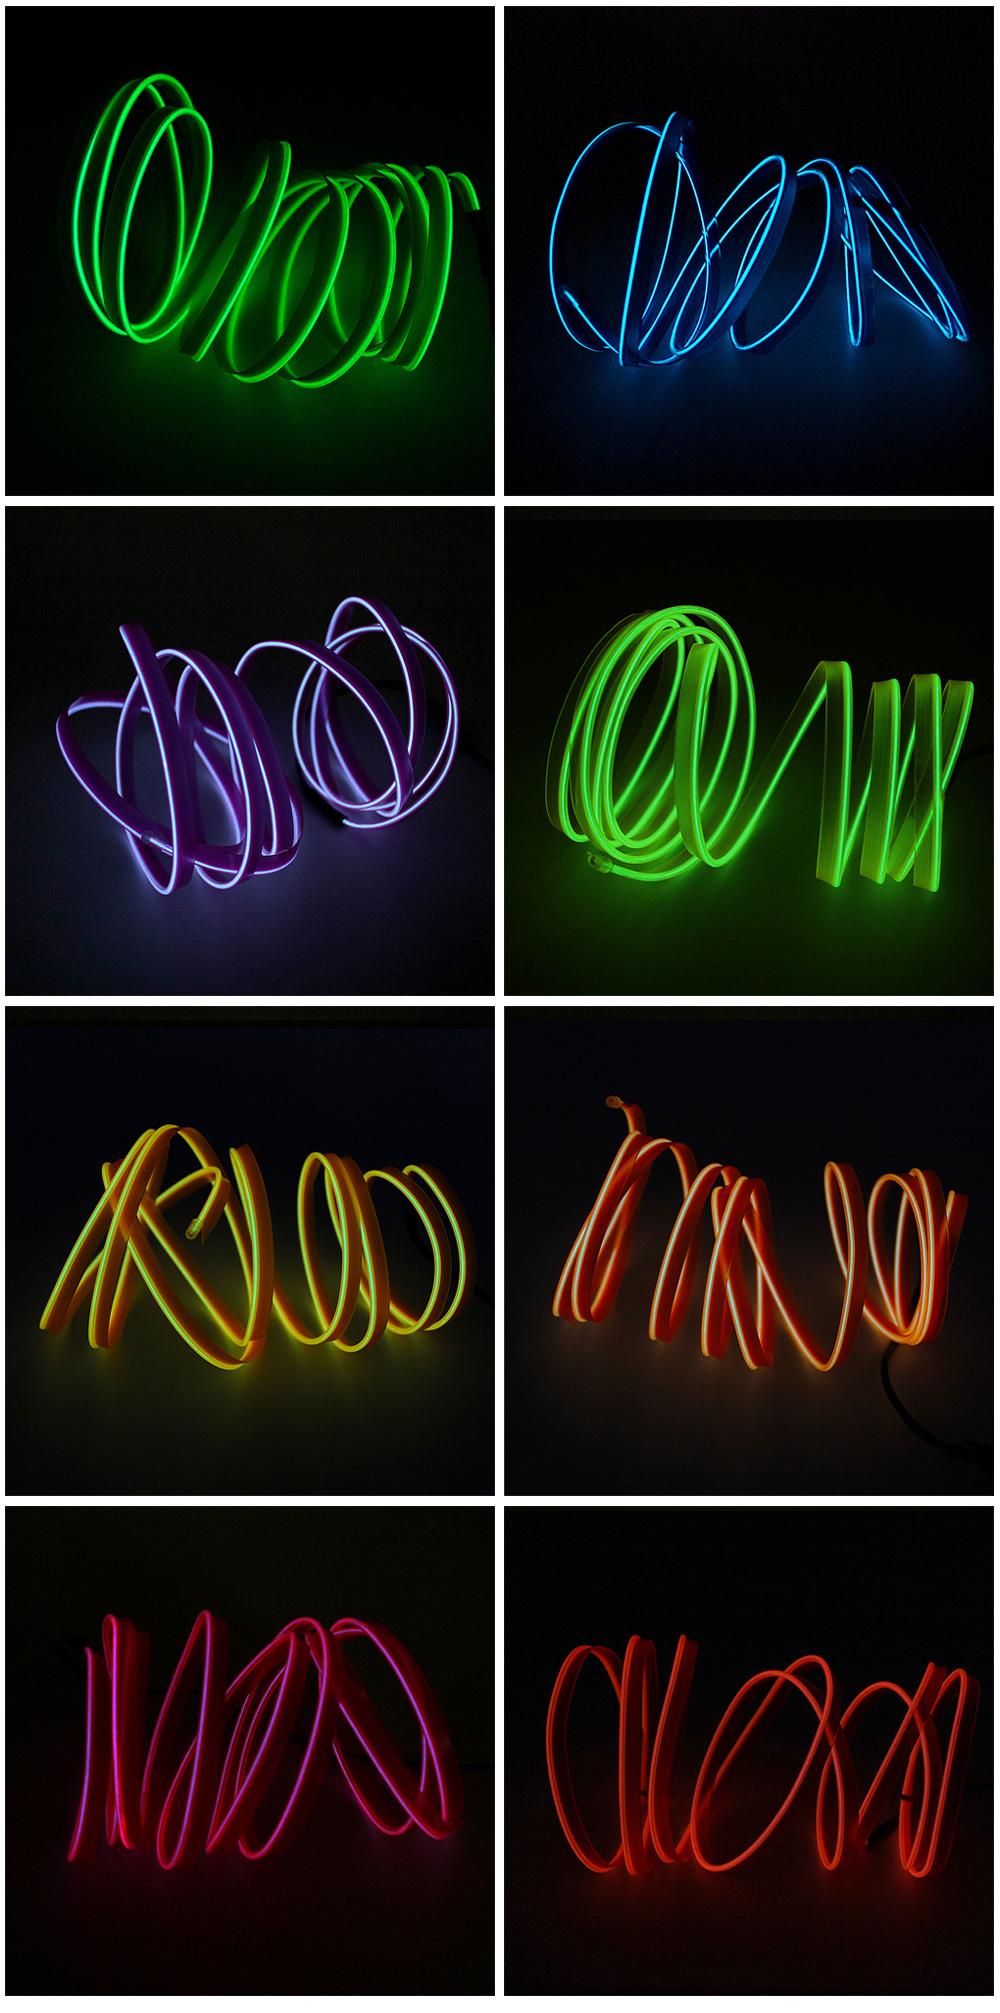 Neon De Decoration Interieur 1 m 12 v voiture atmosphère lampes auto intérieur lumières 10 couleurs  flexible néon el fil led bande lumière pour voiture bricolage  décoration(#blue)